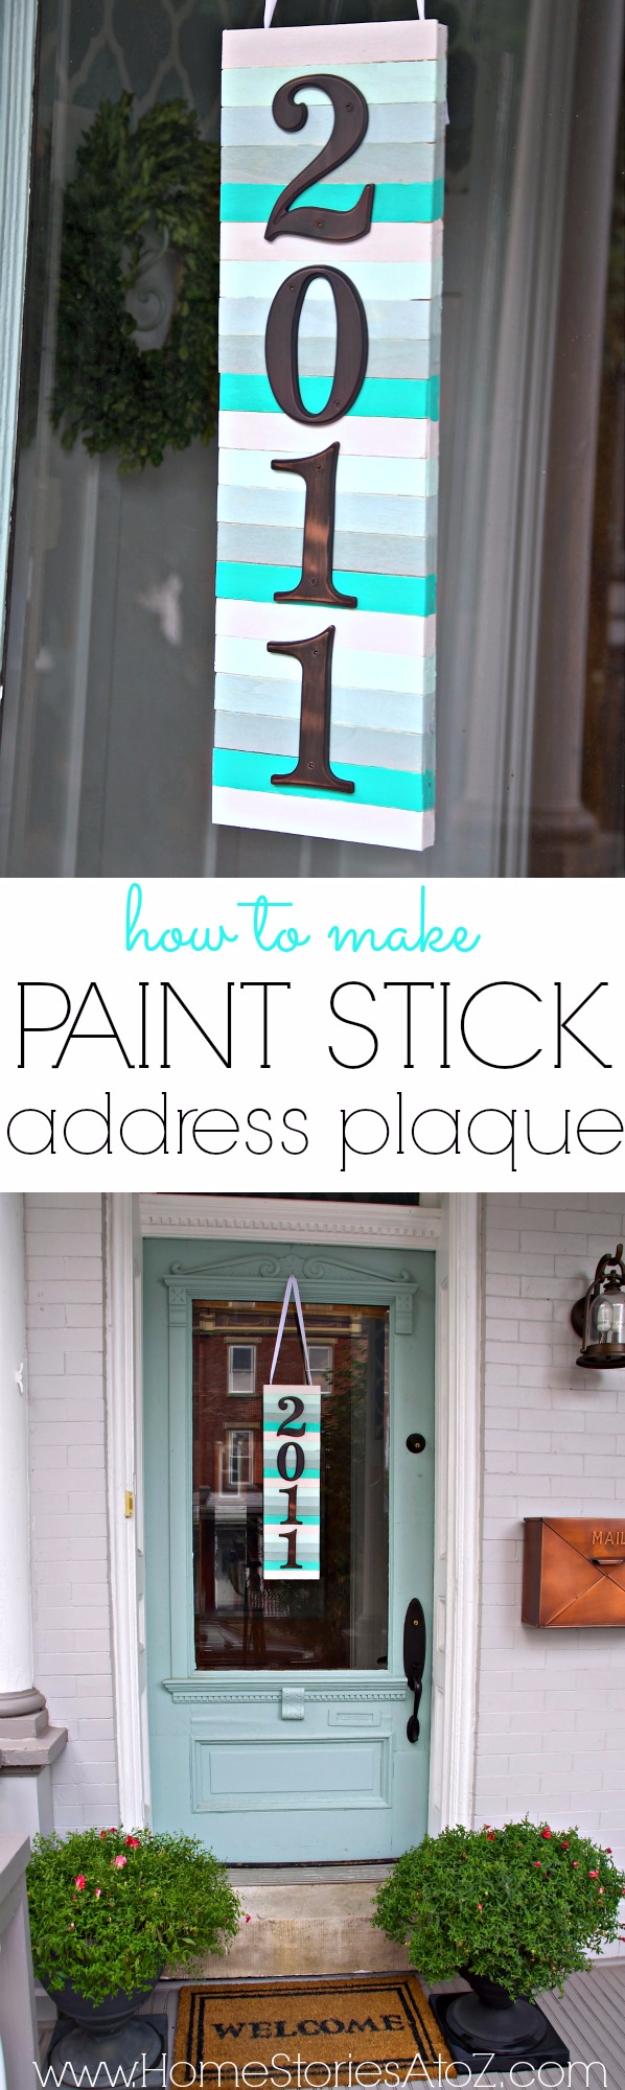 31 Diy Paint Stick Projects